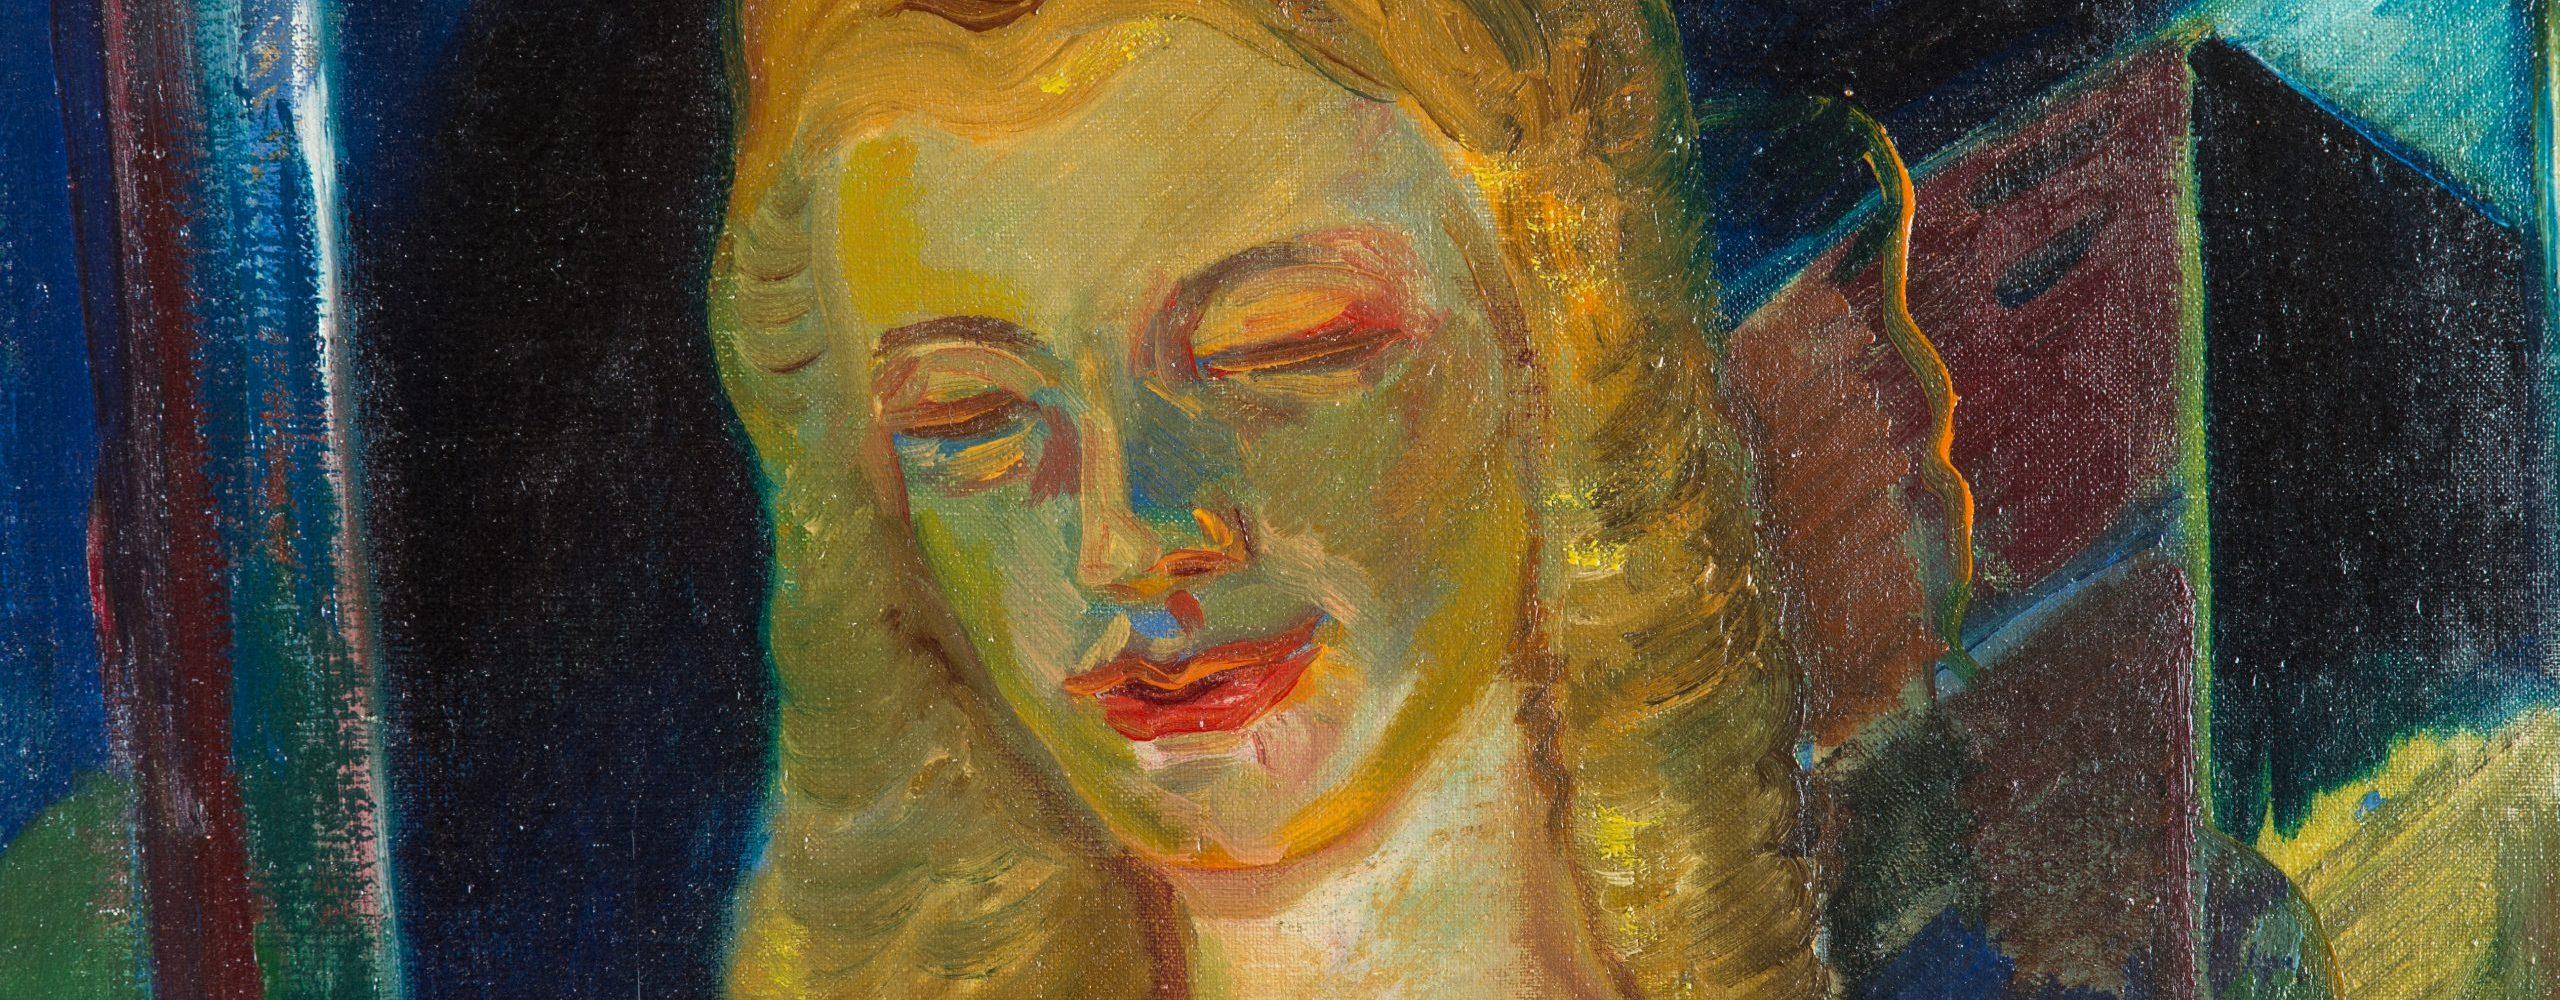 Halbakt einer jungen blonden Dame | 1930